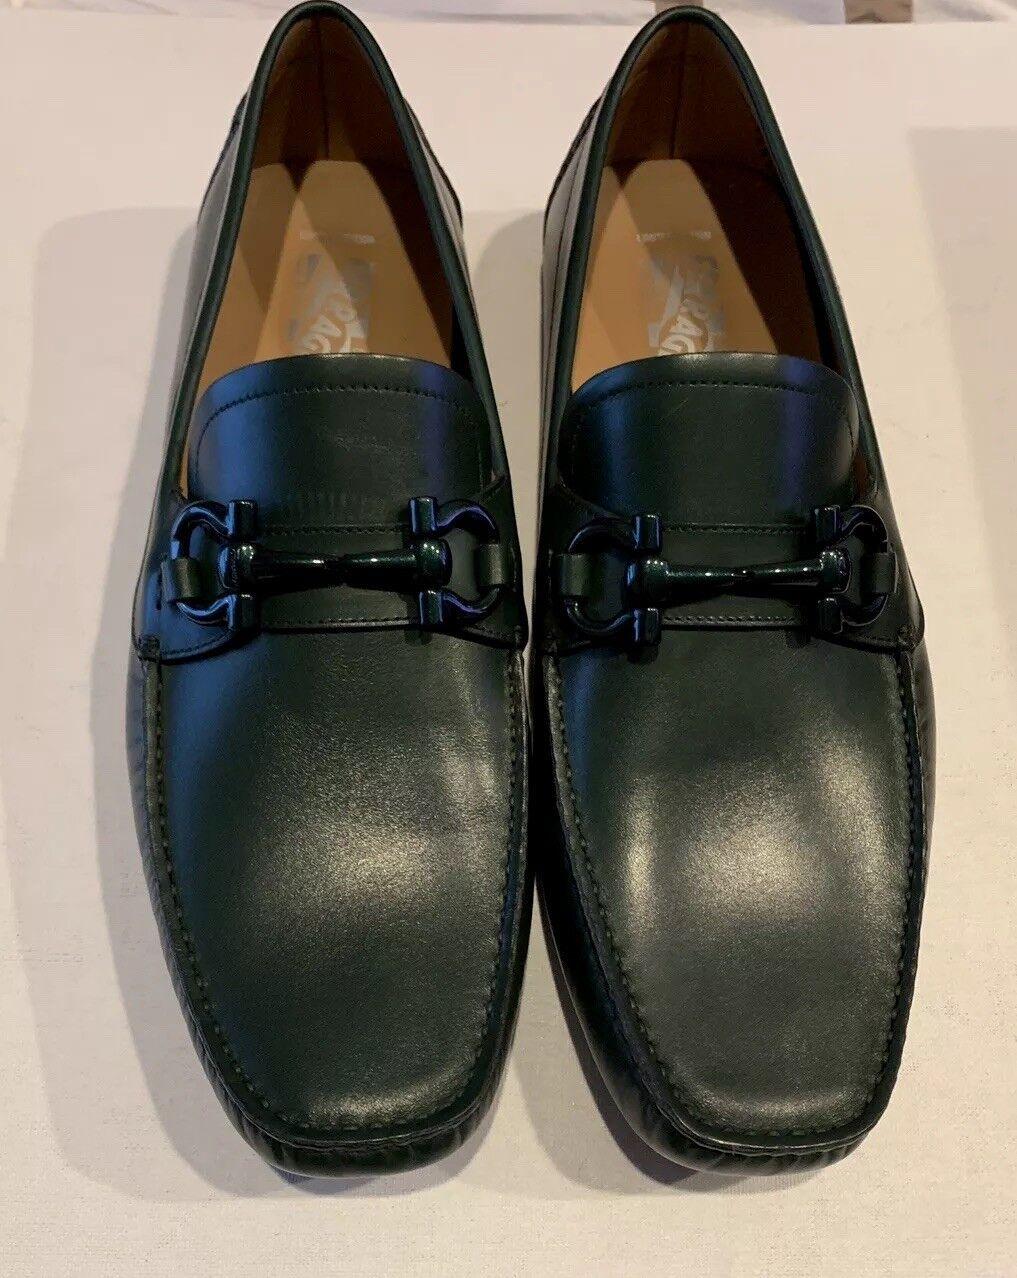 Salvatore Ferragamo Mens shoes Parigi Le Límites Edition Dark Green 10.5D